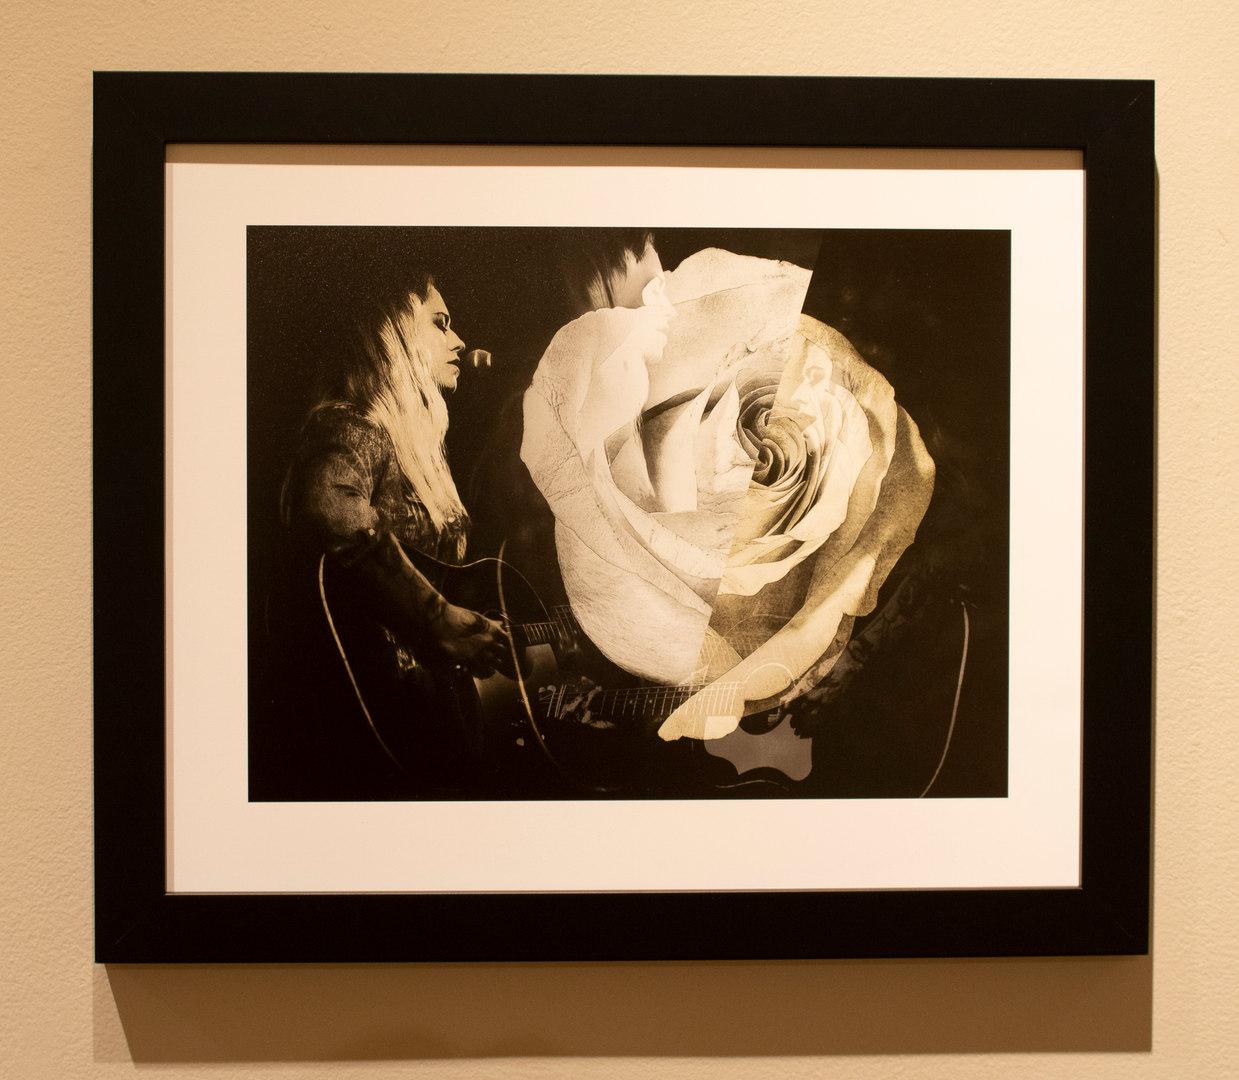 Musique de la Rose by Richard Krajnyak